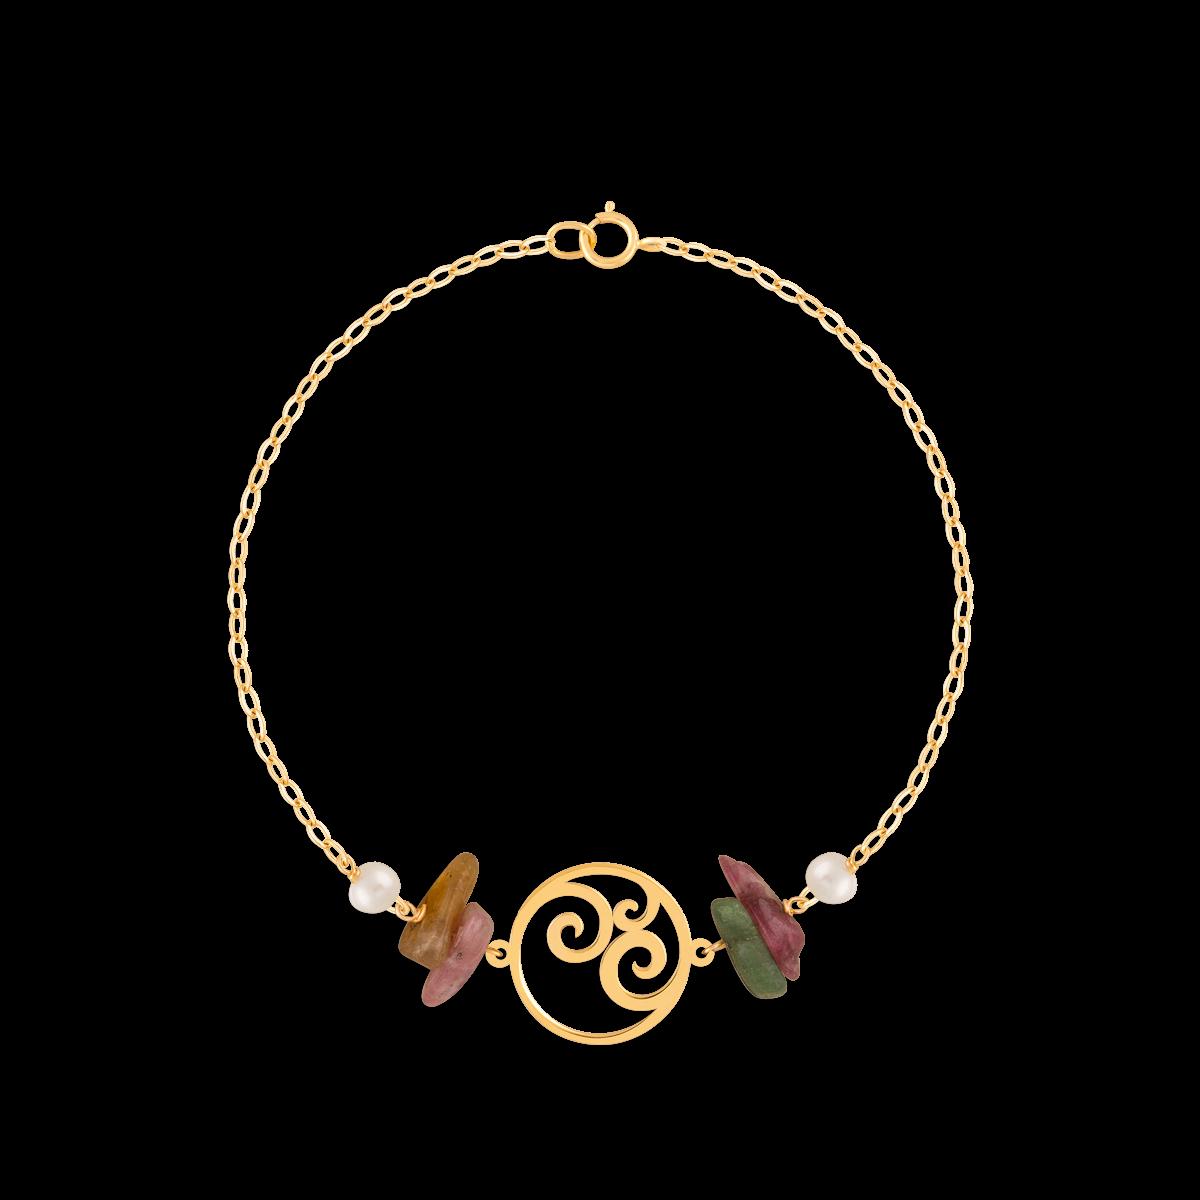 دستبند طلا دایره اسلیمی